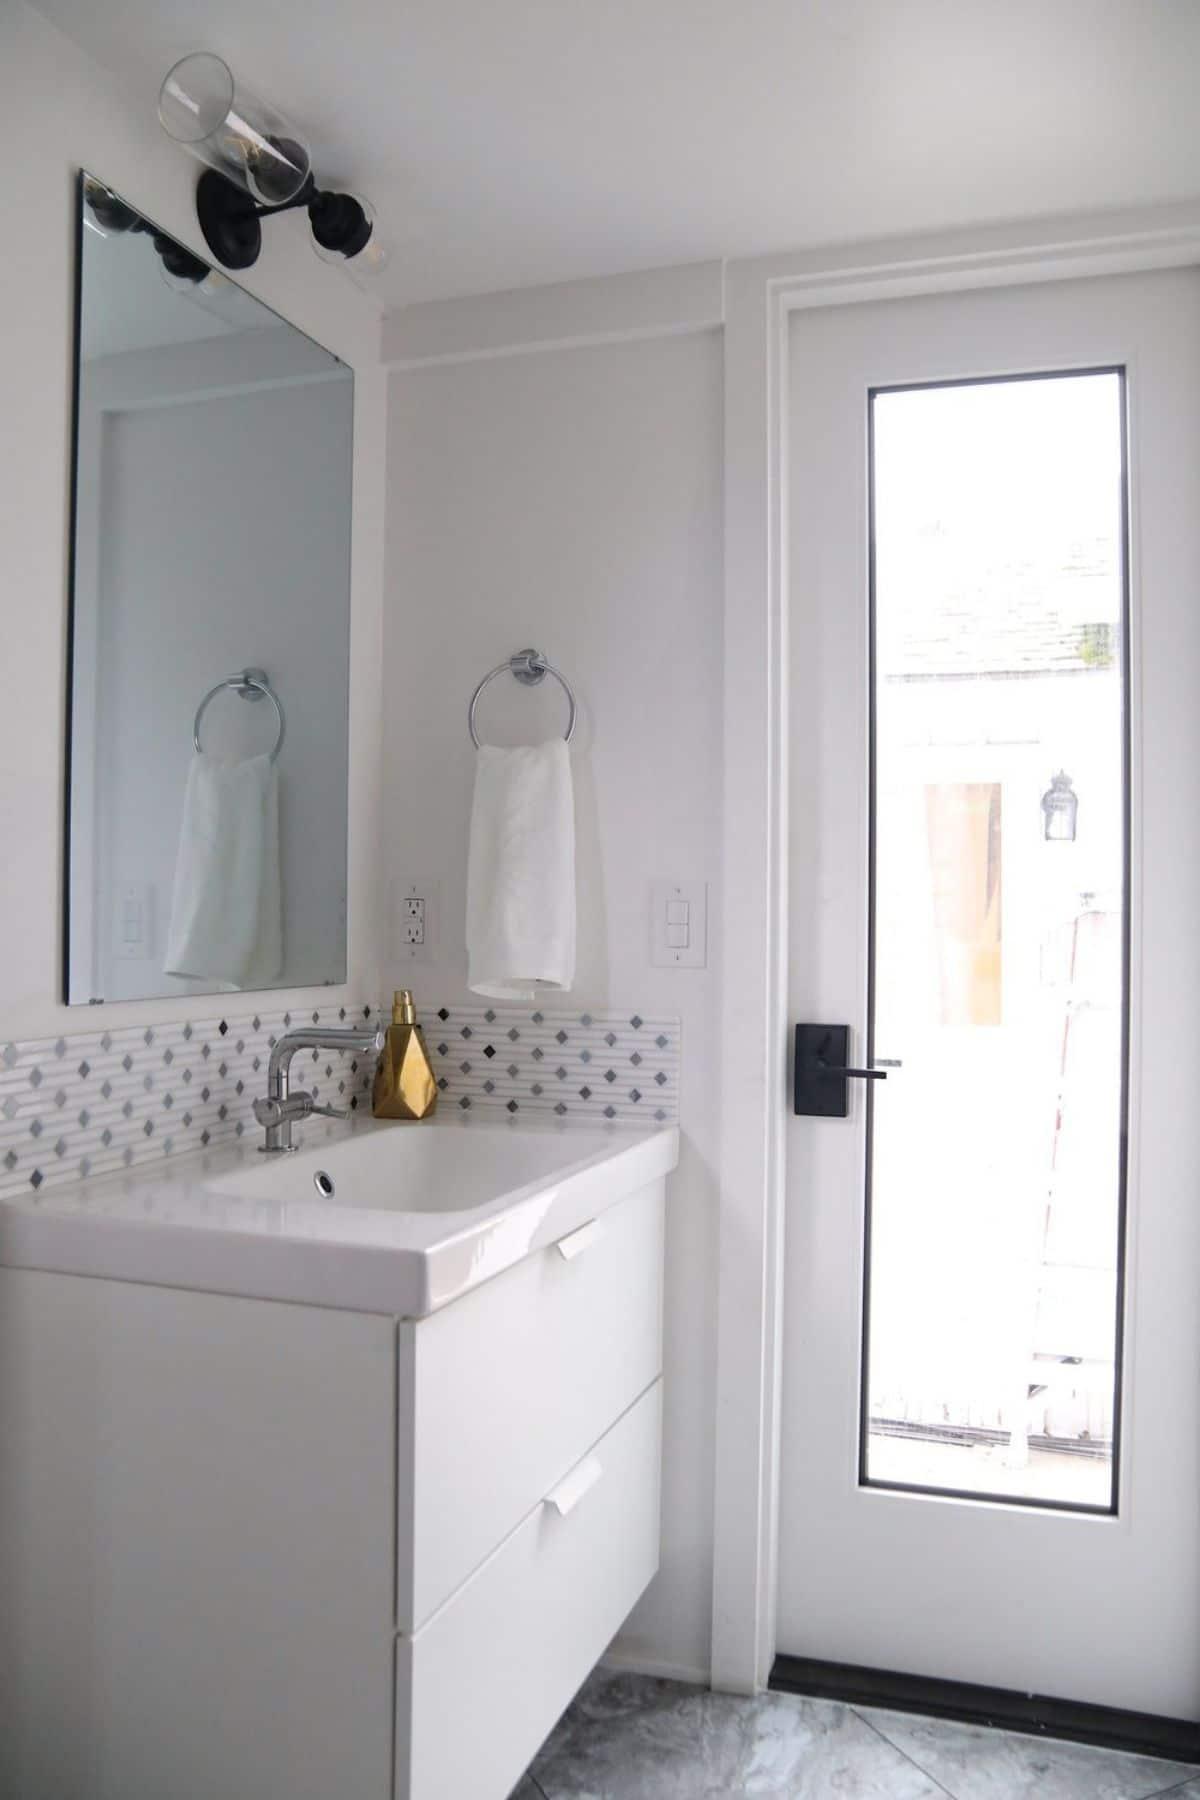 Tiled backsplash behind large white sink with gold faucet